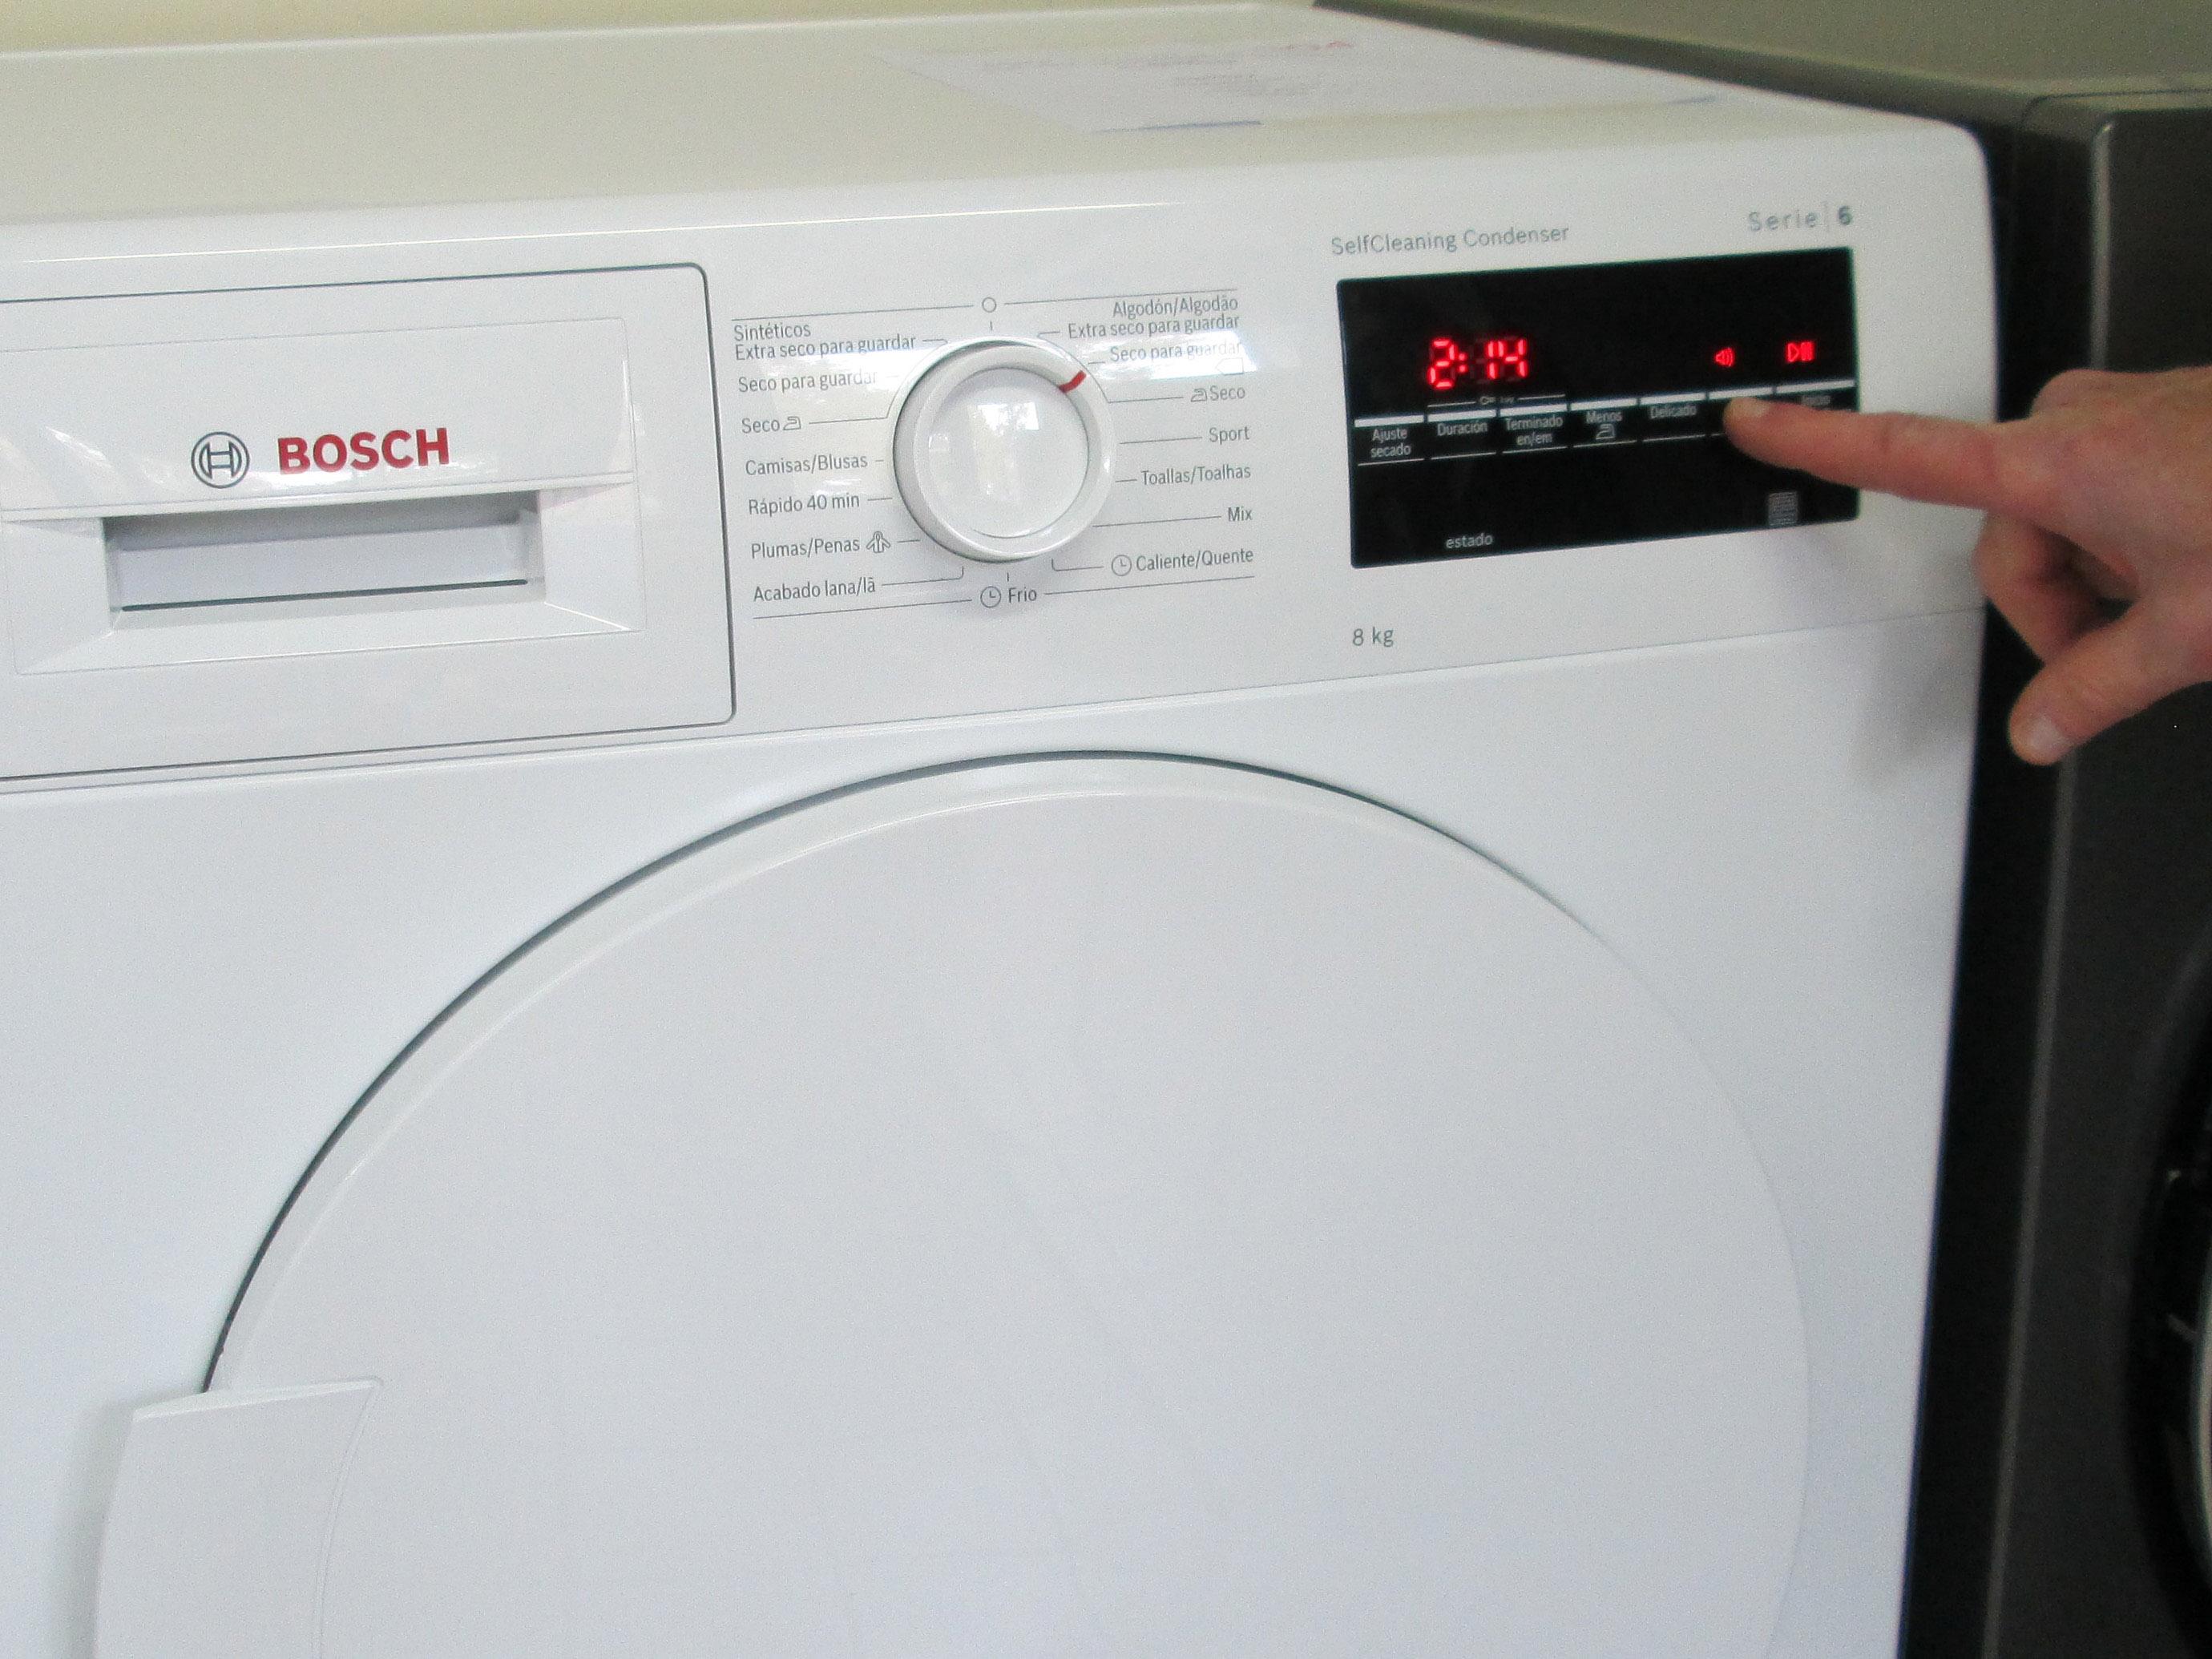 Analisis De Bosch Wtg87228ee 05 Comparador De Secadoras Ocu